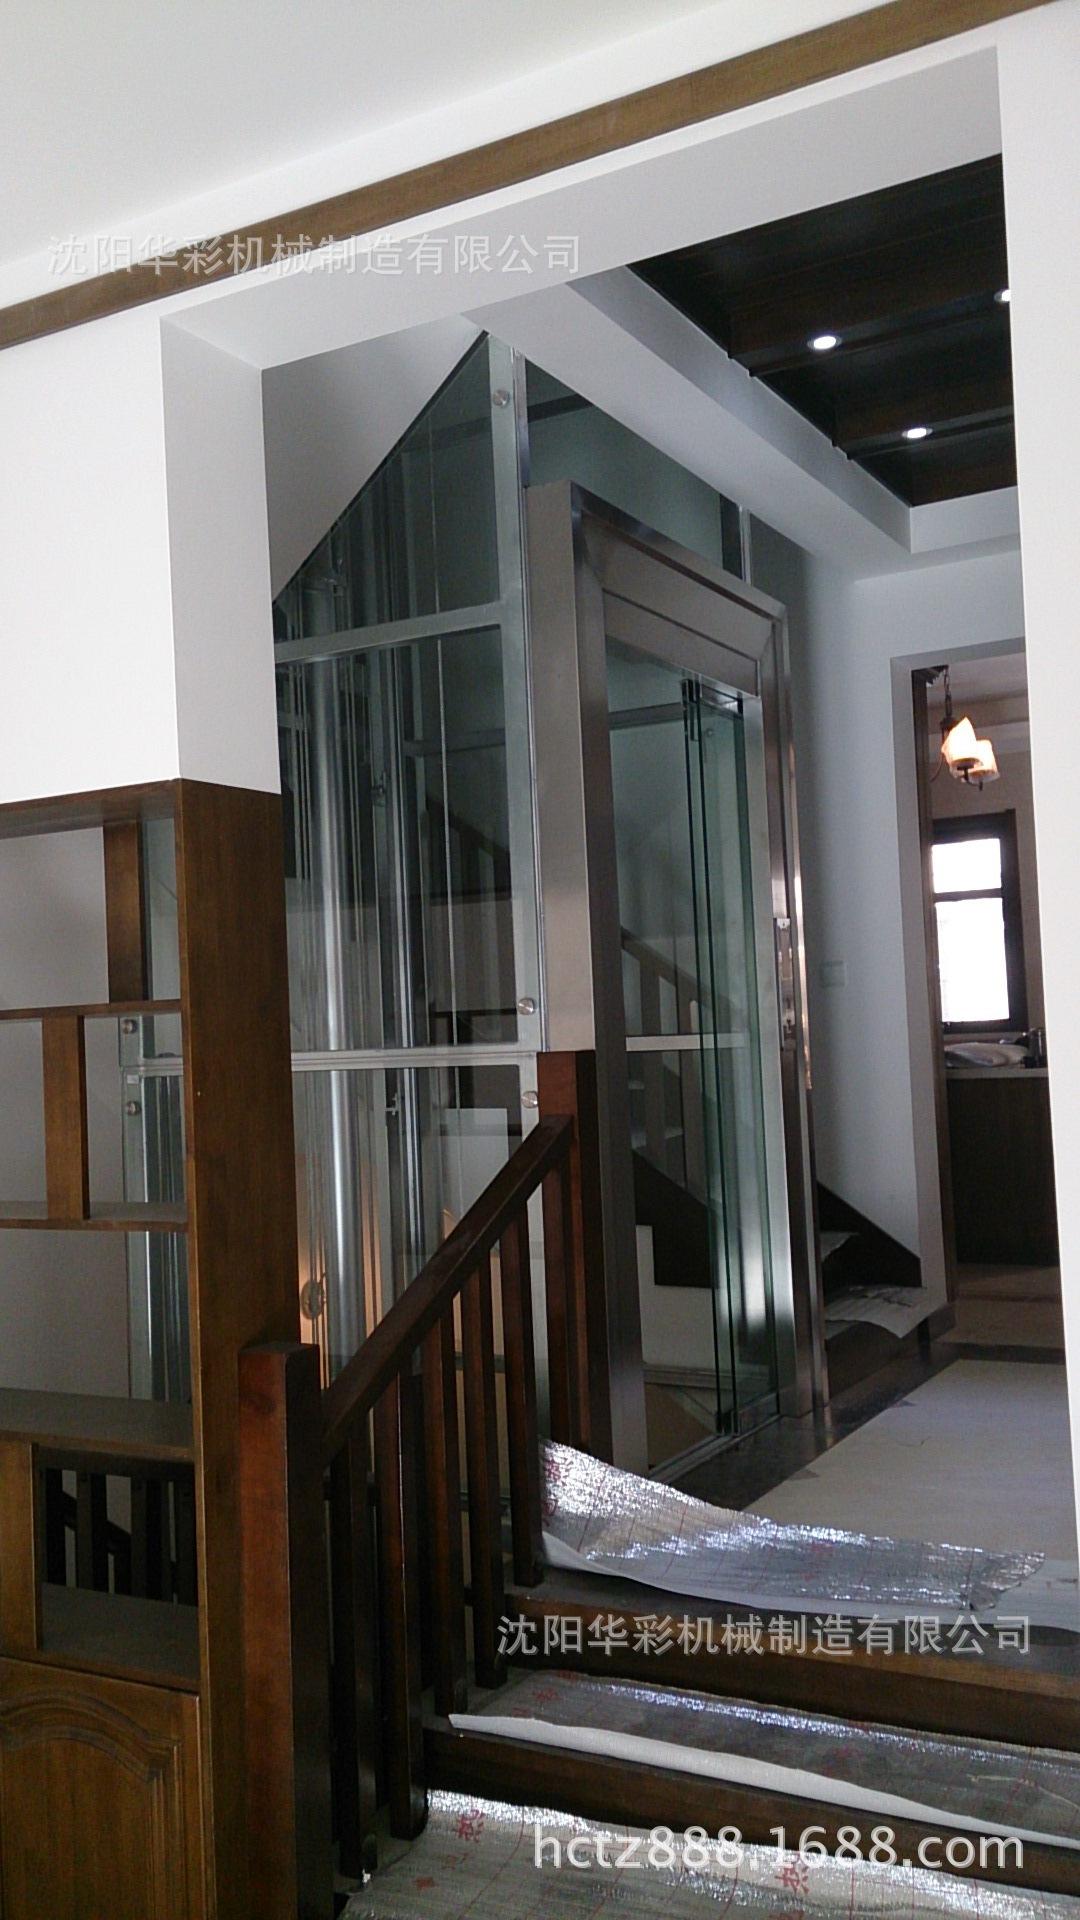 电梯别墅观光电梯安装家用电梯024-233011礼贤镇别墅图片